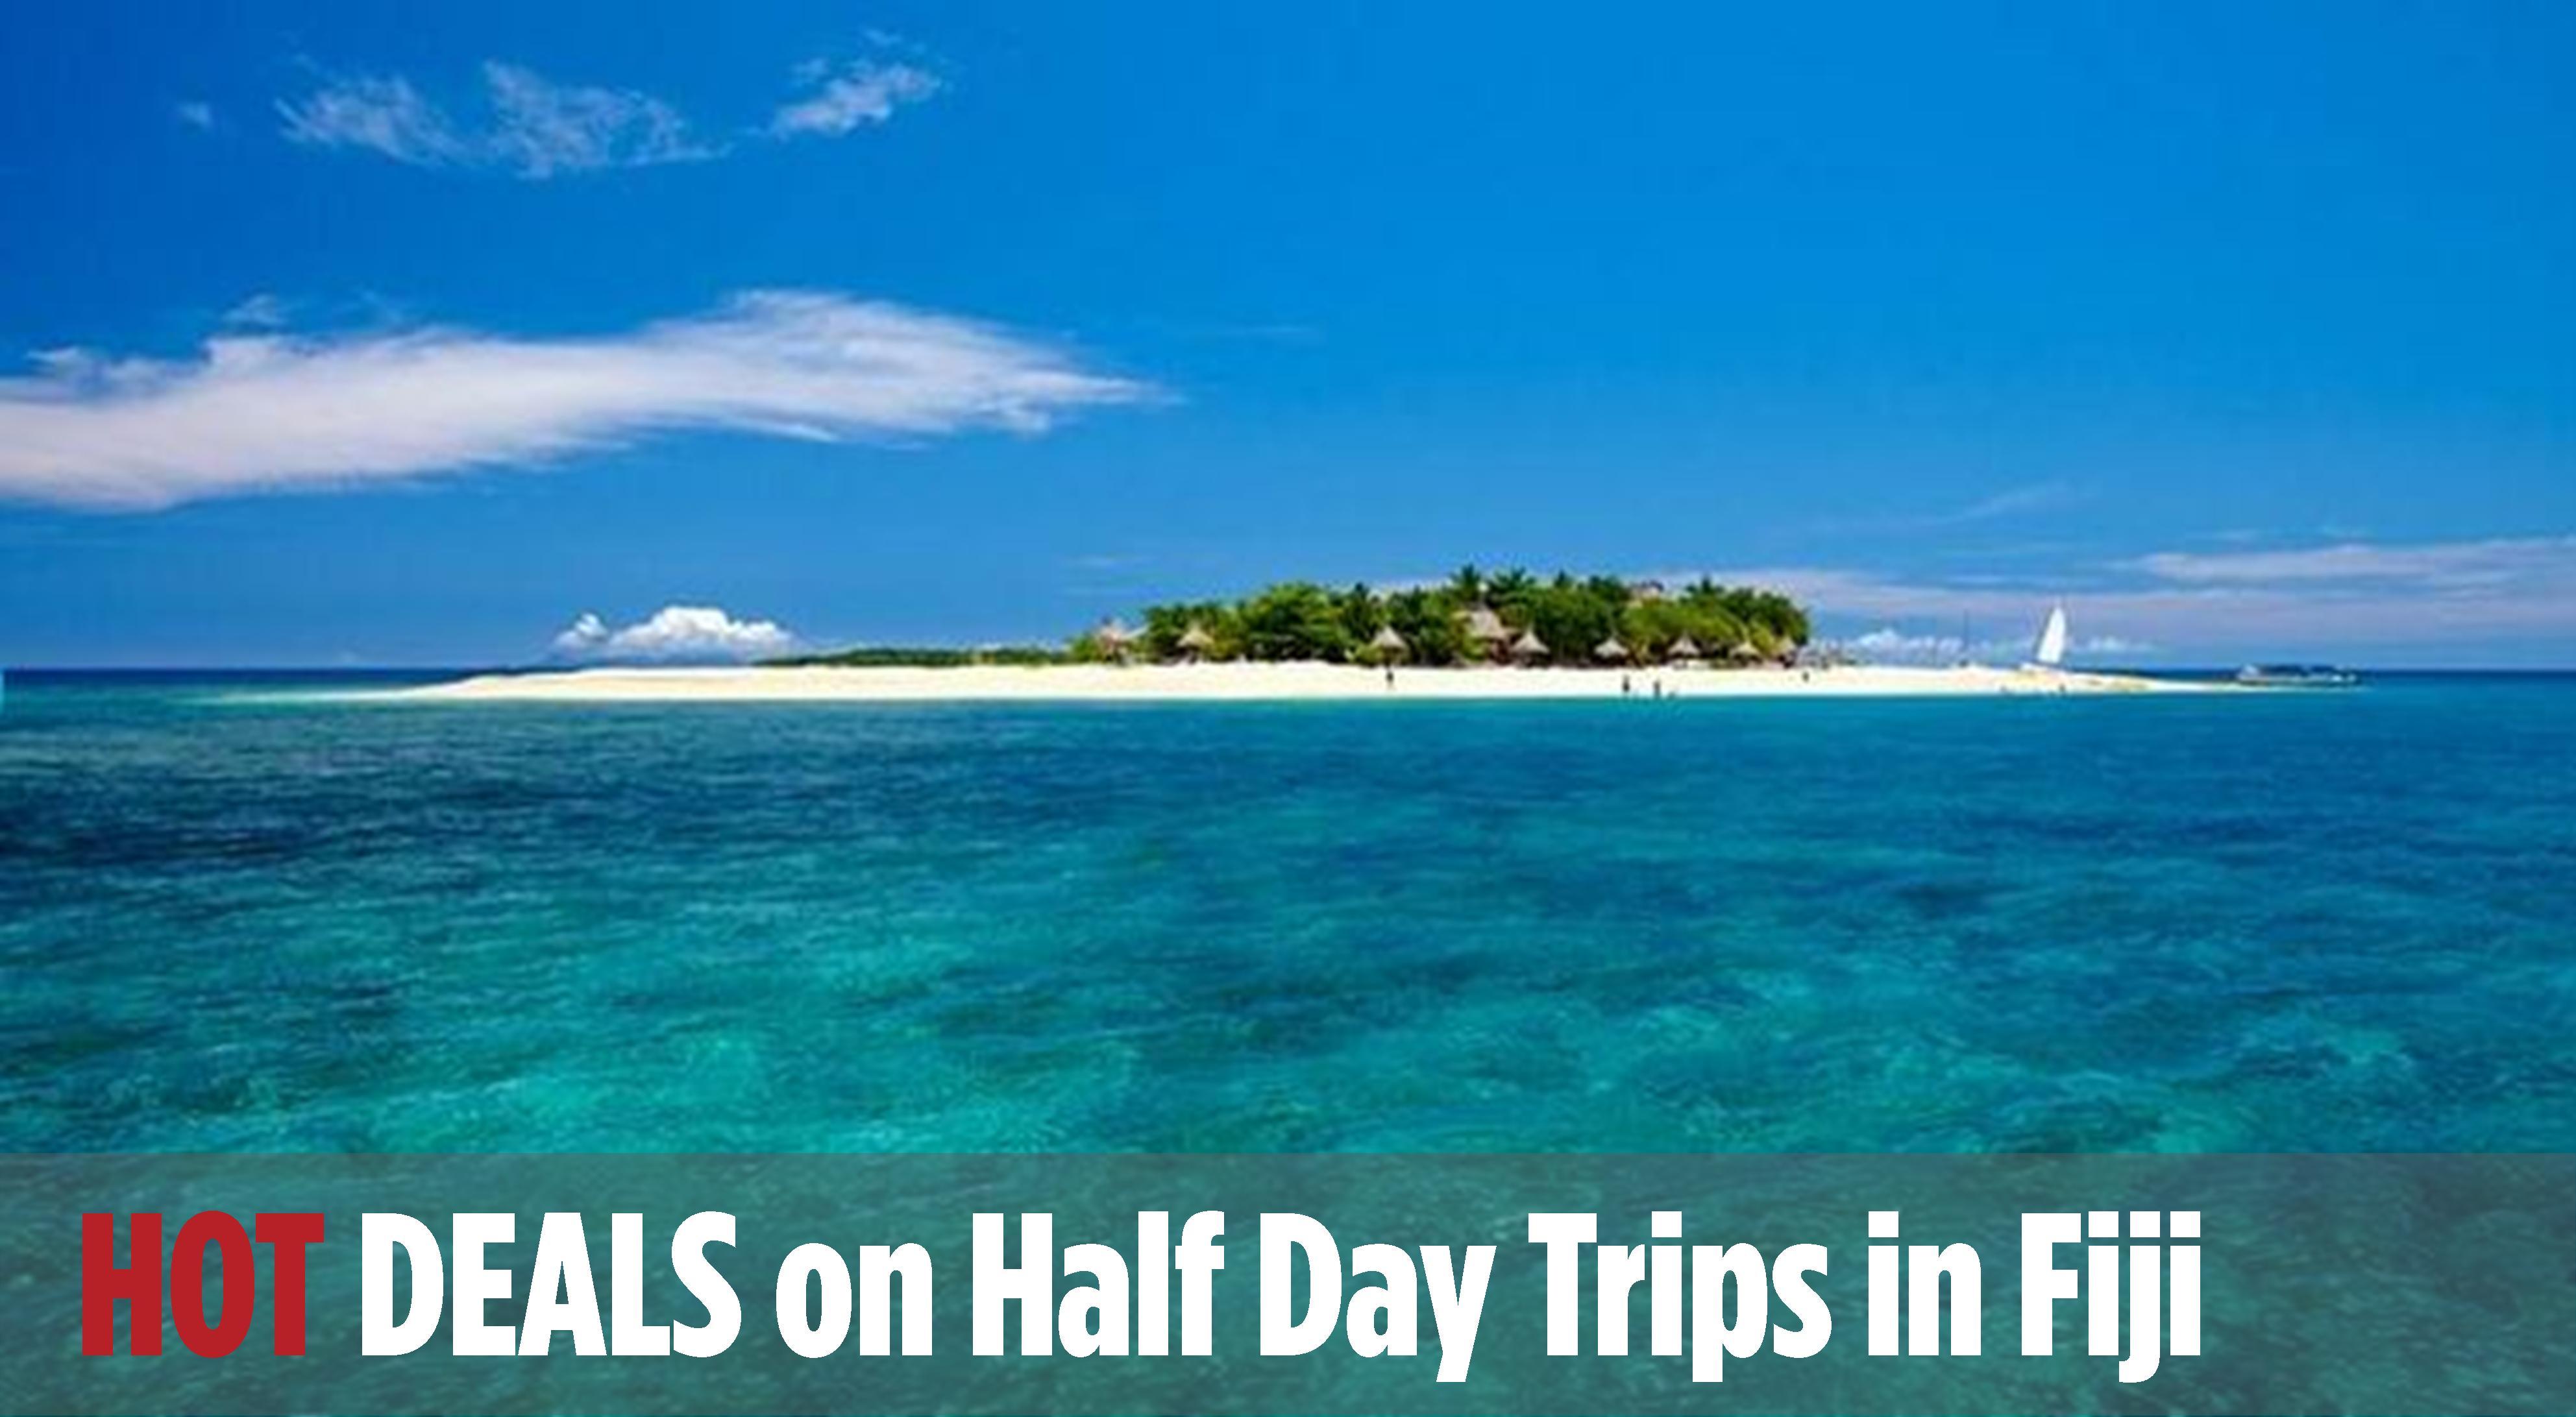 Half Day Trips in Fiji